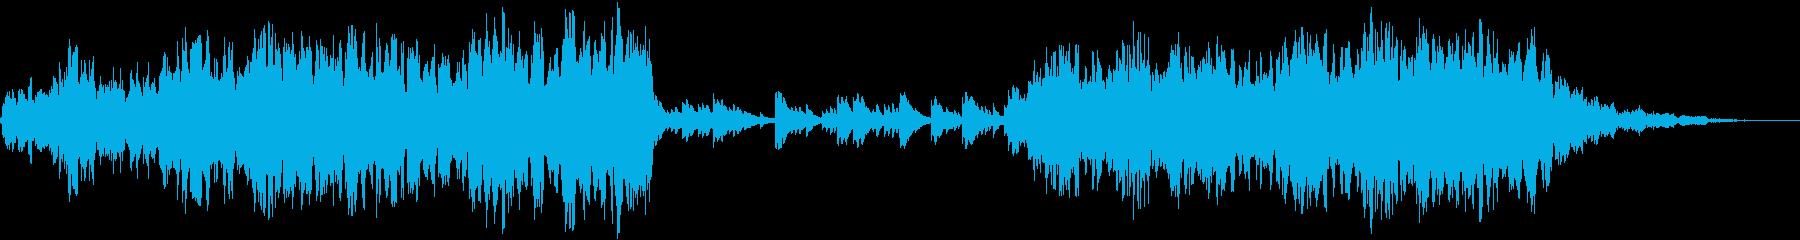 荘厳でドラマティックなシンセストリングスの再生済みの波形